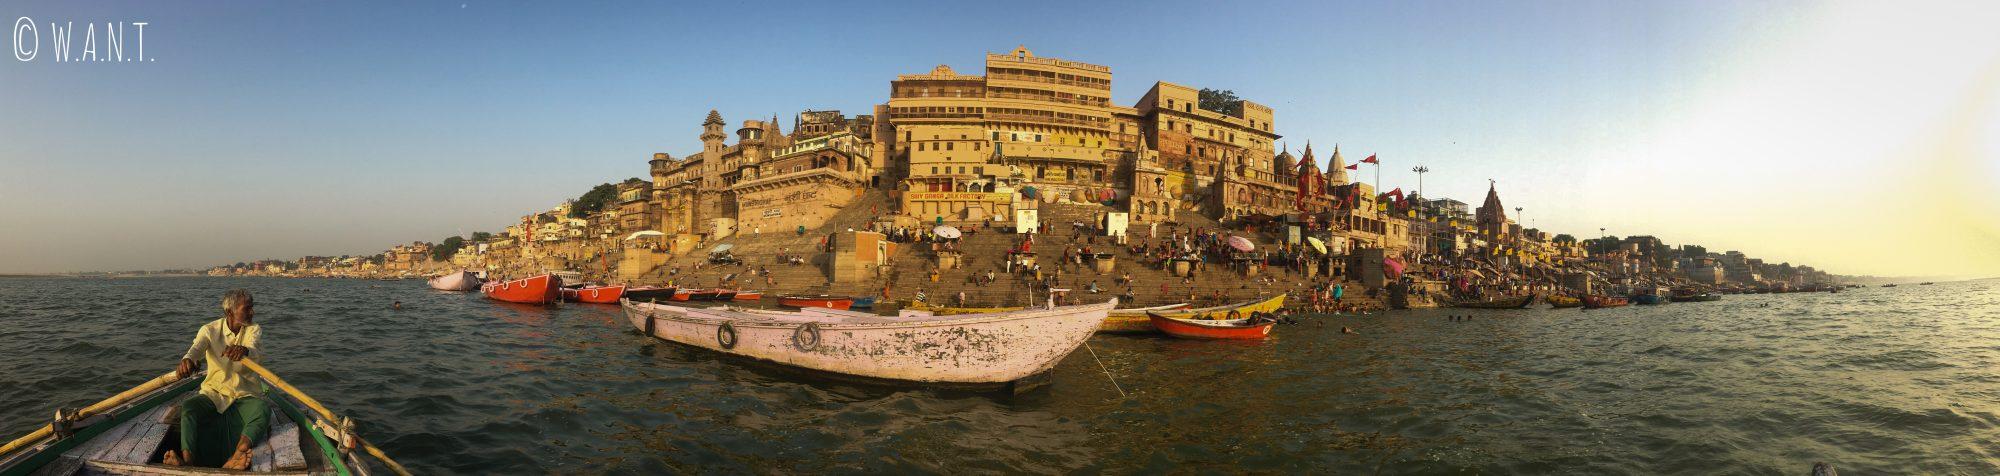 Vue panoramique des ghats de Varanasi lors de notre promenade matinale sur le Gange